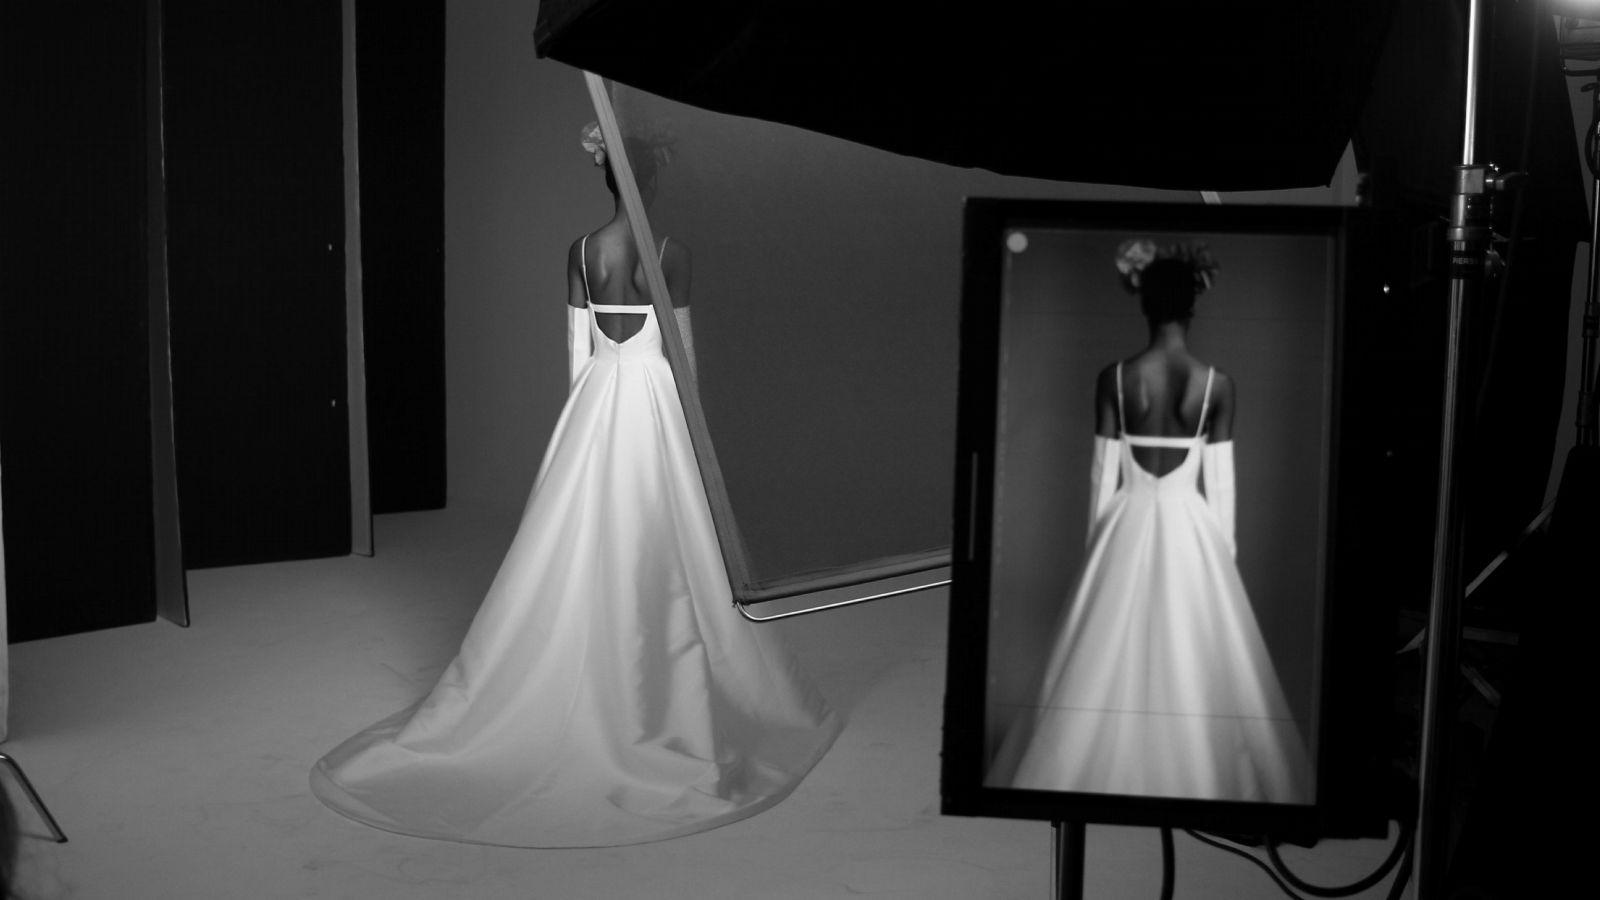 Vera Wang x Pronovias: Brautkleider einer Kult-Designerin, die chic und bezahlbar sind